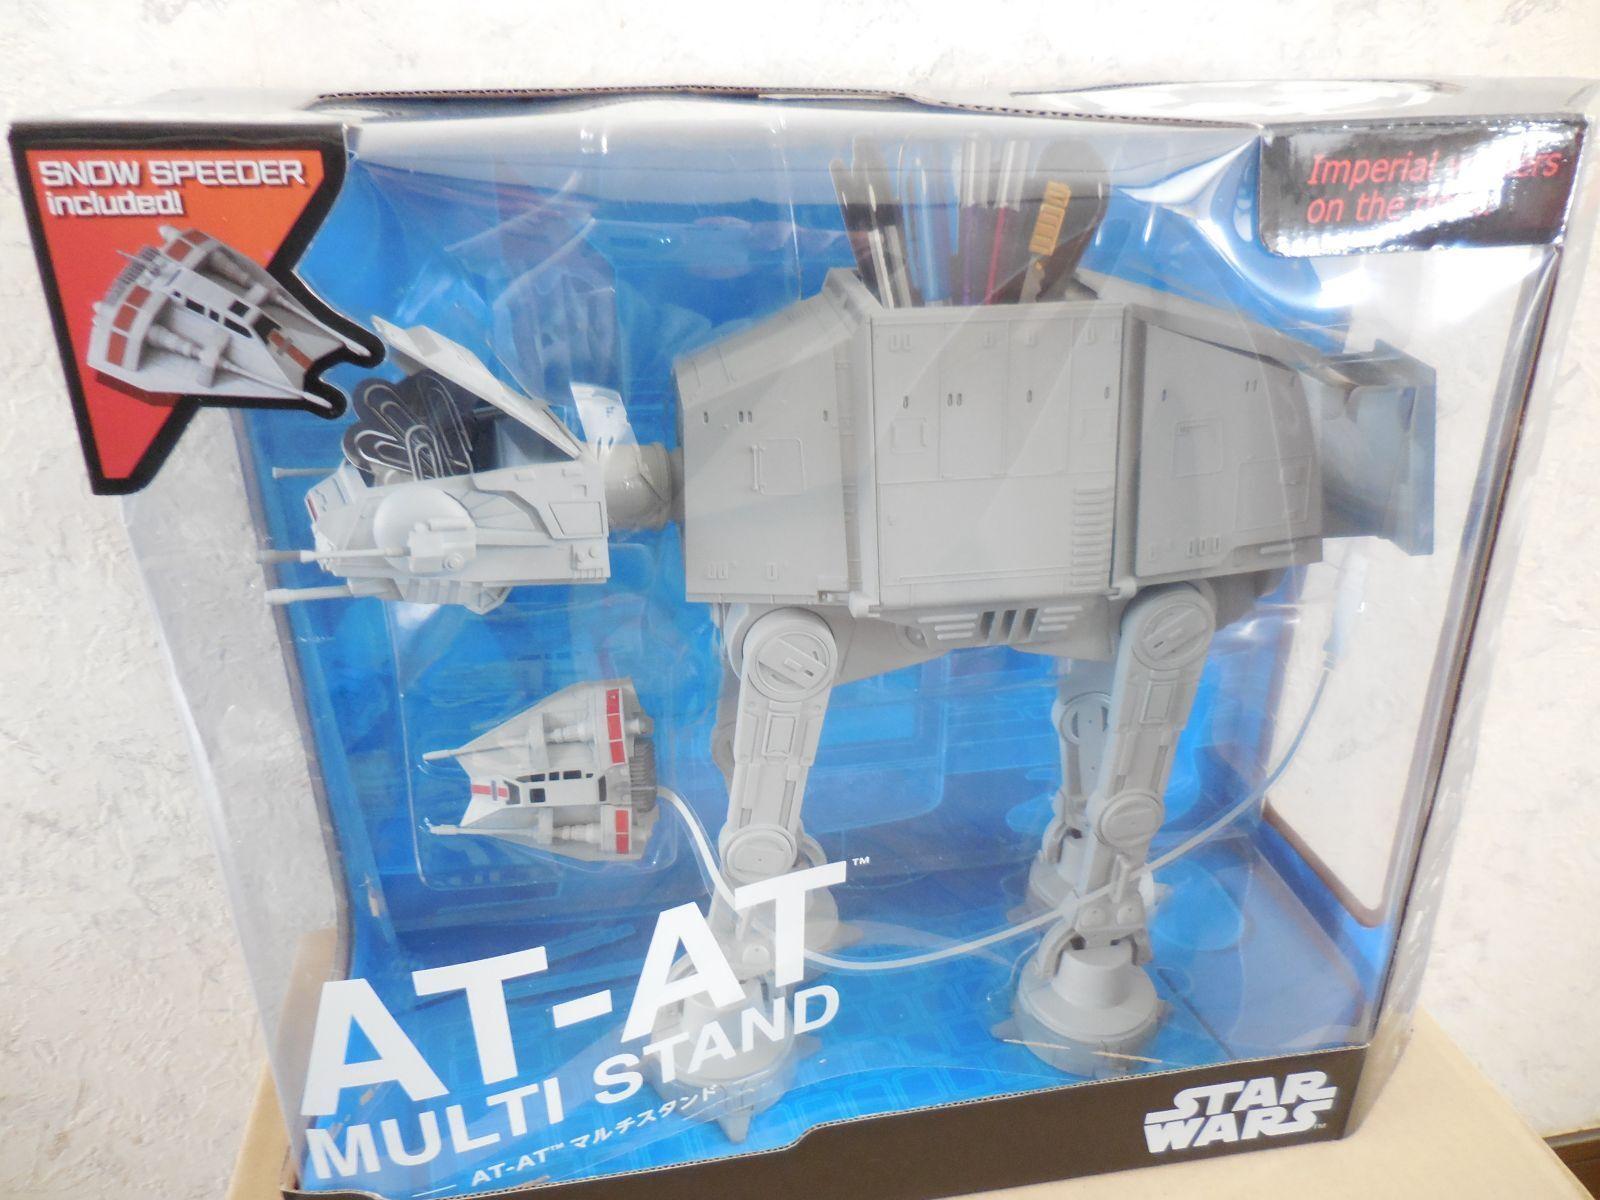 calidad fantástica Estrella Wars-en el el el escritorio multi-AT Soporte Titular de la cinta 515EM swst Pluma Soporte Alcancía etc.  oferta de tienda